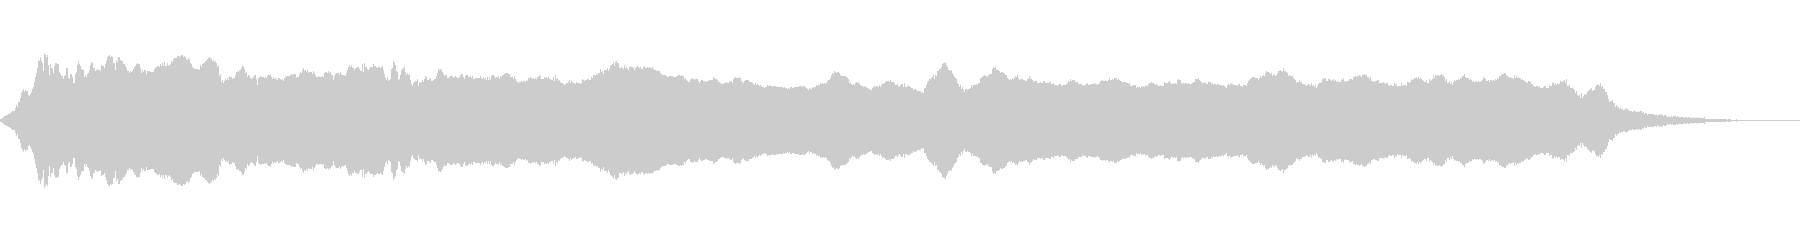 ミュージカル、ベースノート;超低音...の未再生の波形